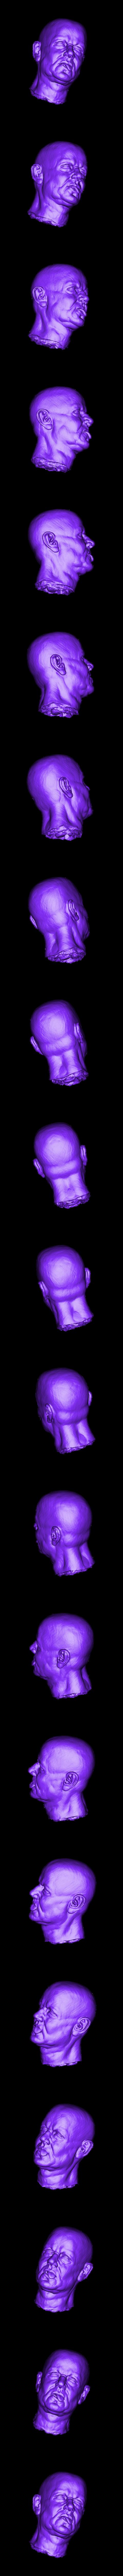 Head (repaired).stl Télécharger fichier STL gratuit Chasseur noir • Design imprimable en 3D, al3x